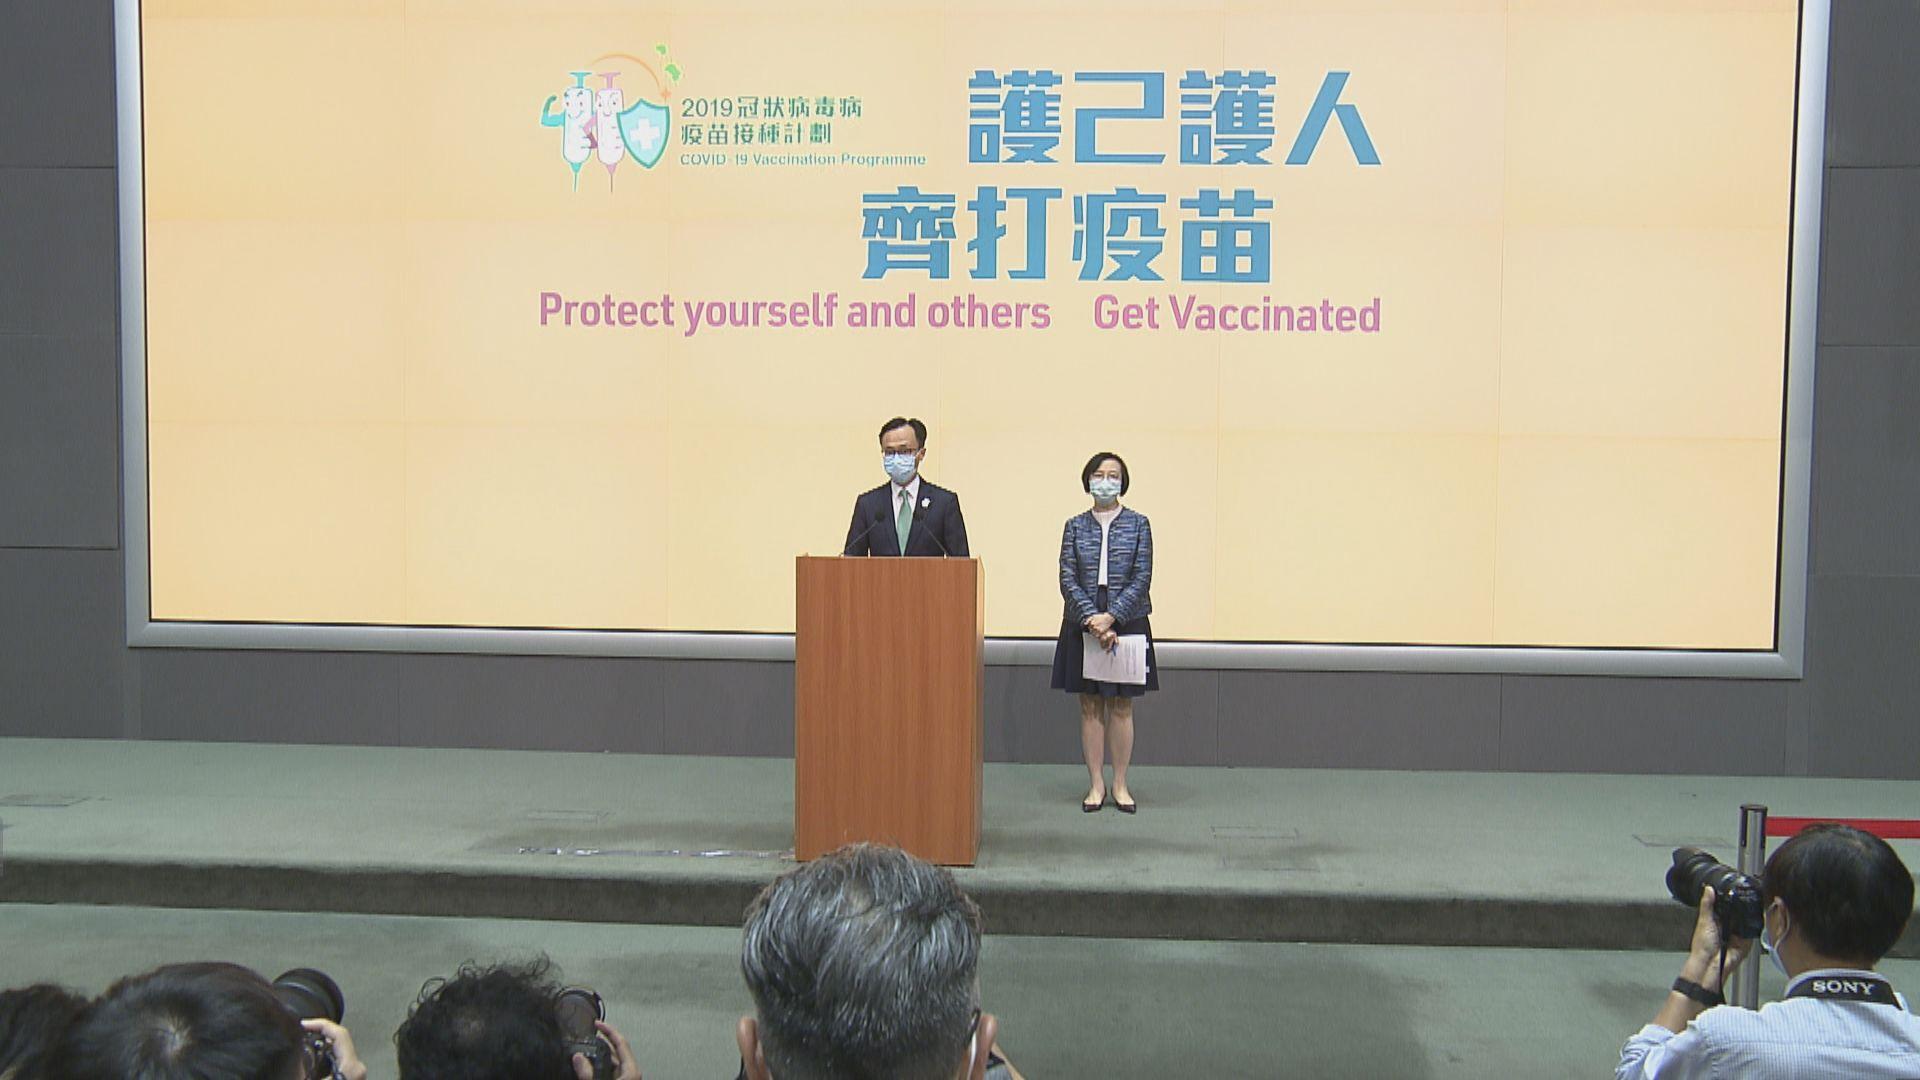 【最新‧附詳情】16及18歲以上可分別接種復必泰及科興疫苗 社區接種中心運作至9月底